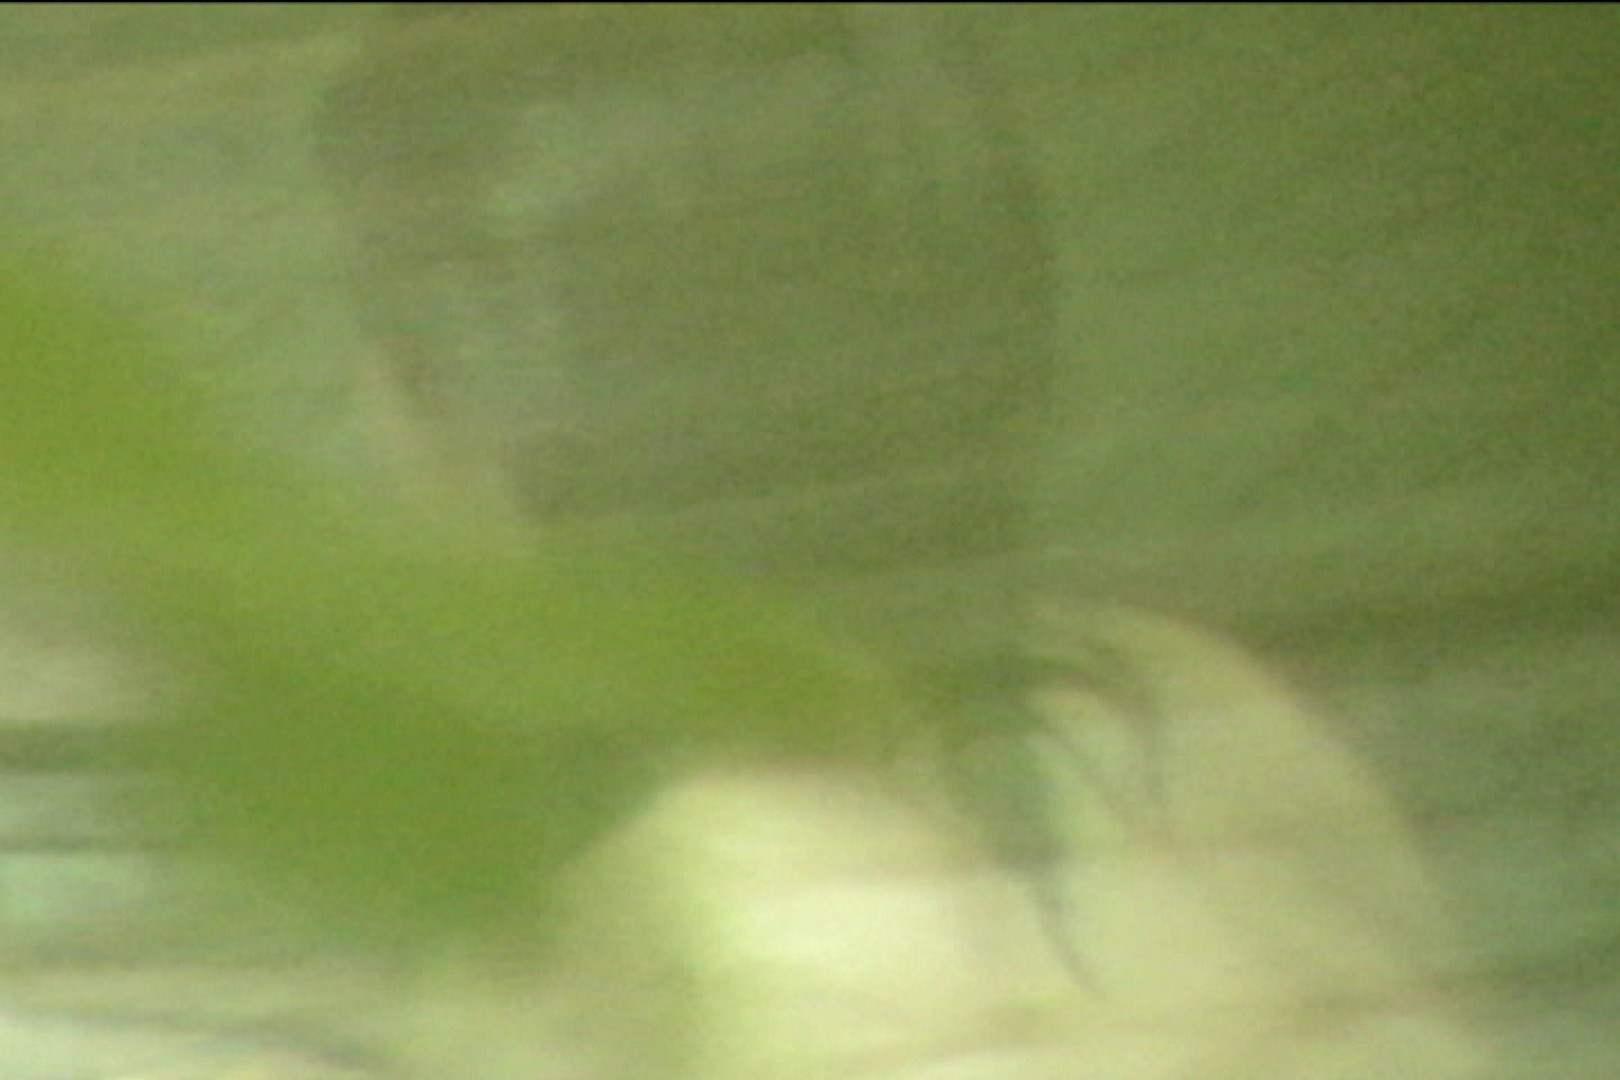 お女市さま編 オムニバスVol.12 盛合せ | むっちり  58画像 14